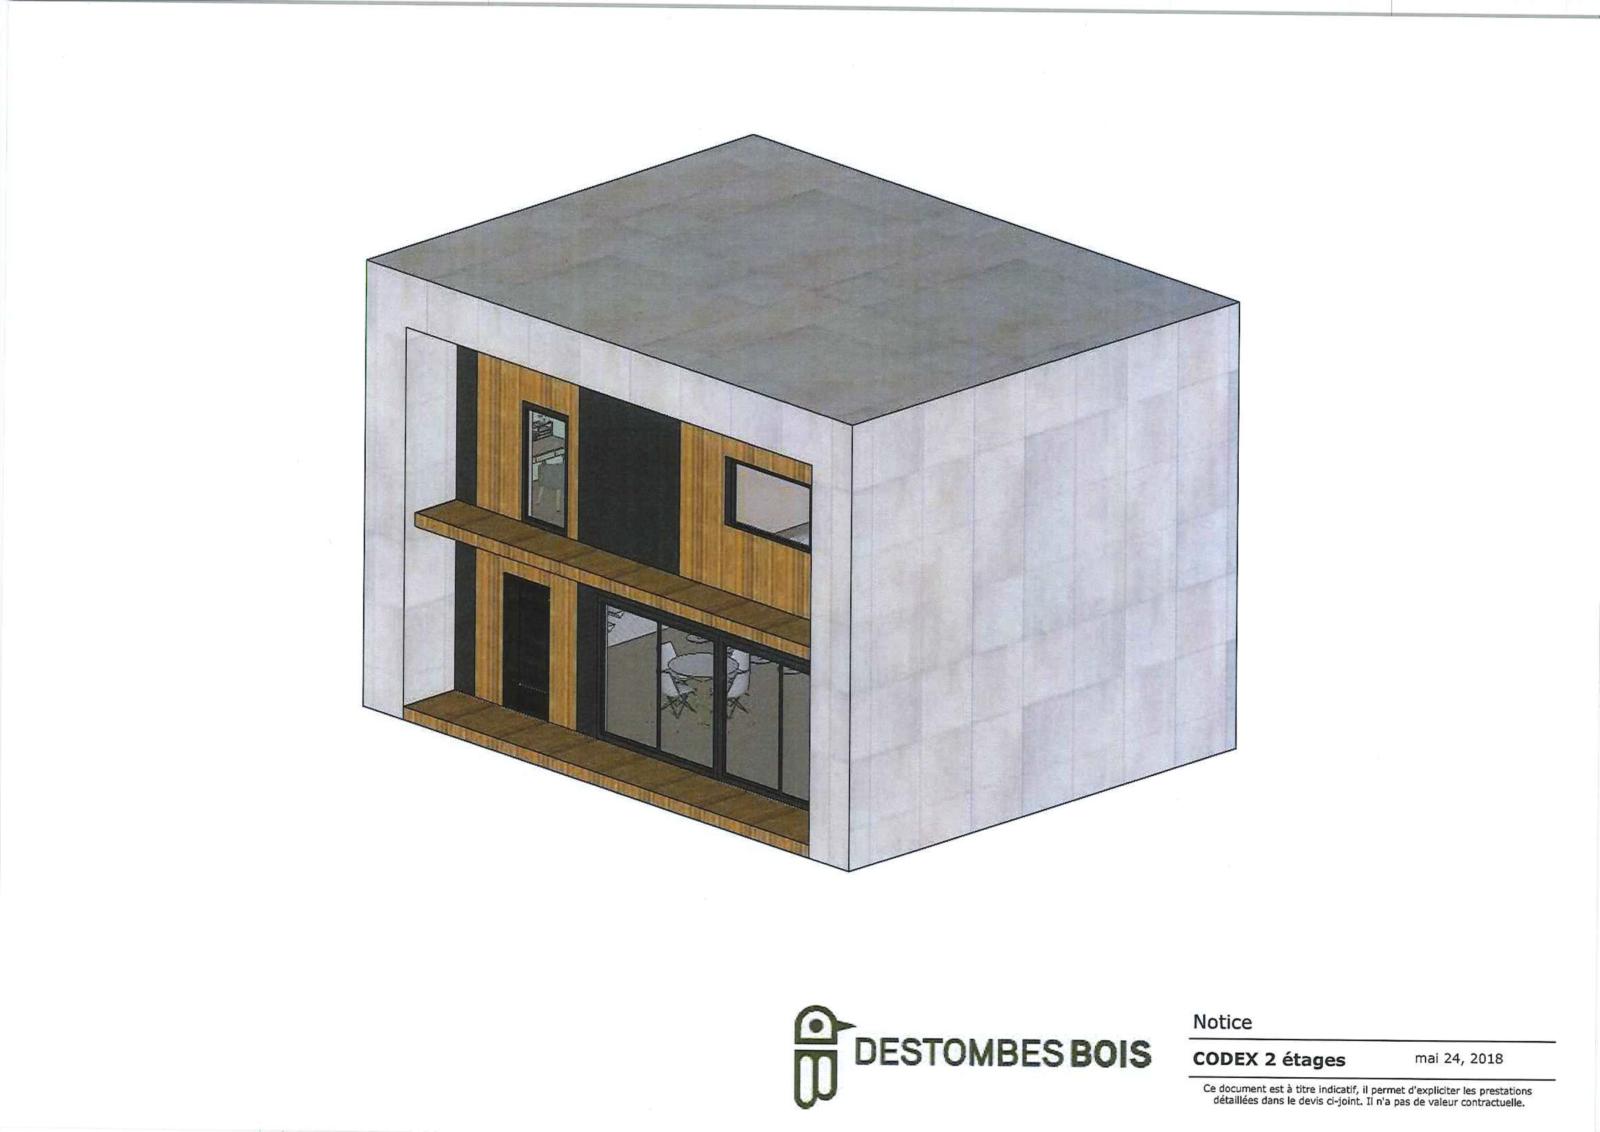 Maison moderne style cubique